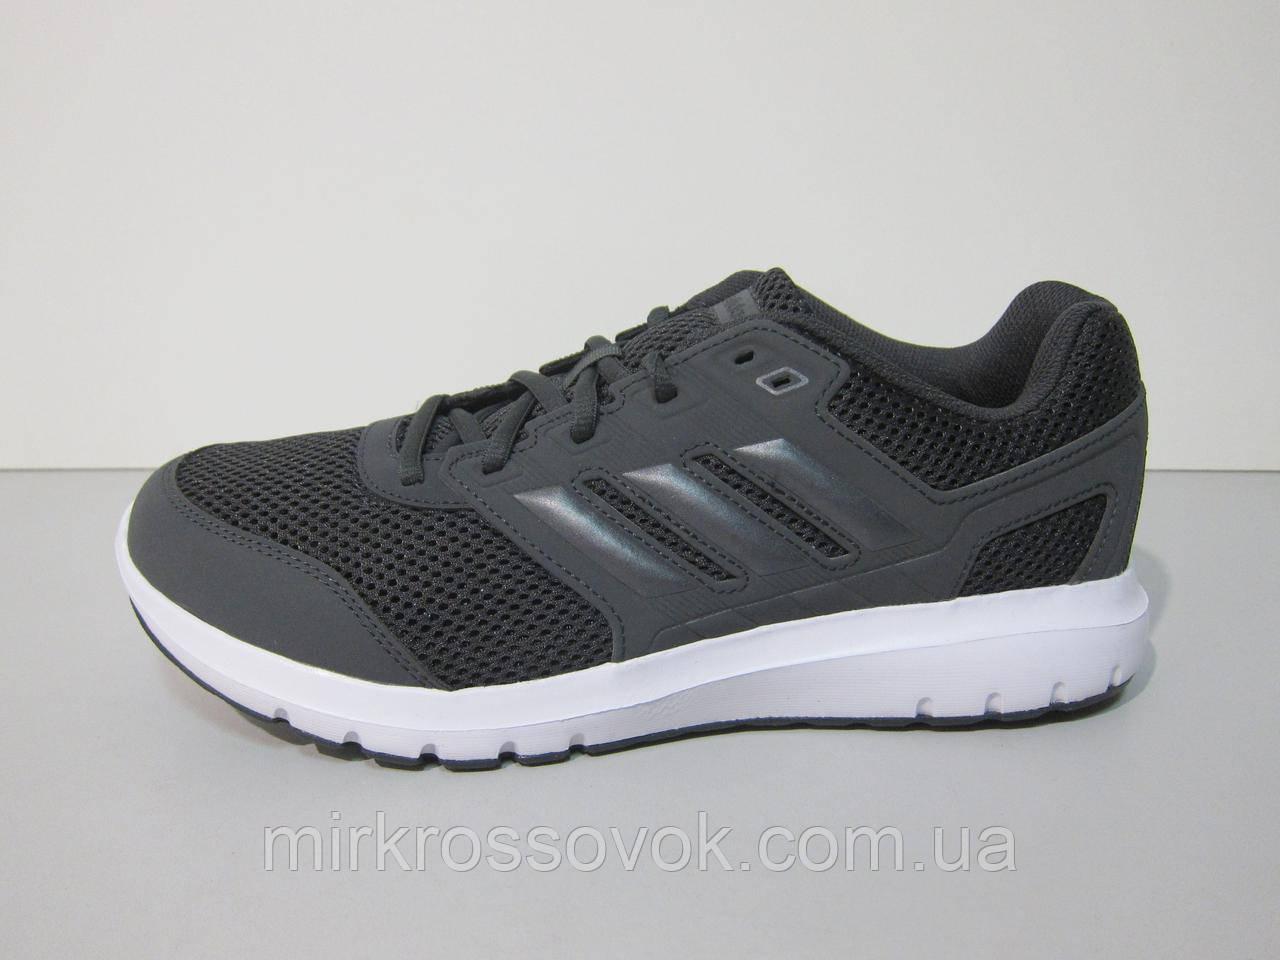 Кроссовки мужские  ( 30.5см  47.5р) Adidas Duramo Lite 2.0 Grey (CG4044) (оригинал), фото 1